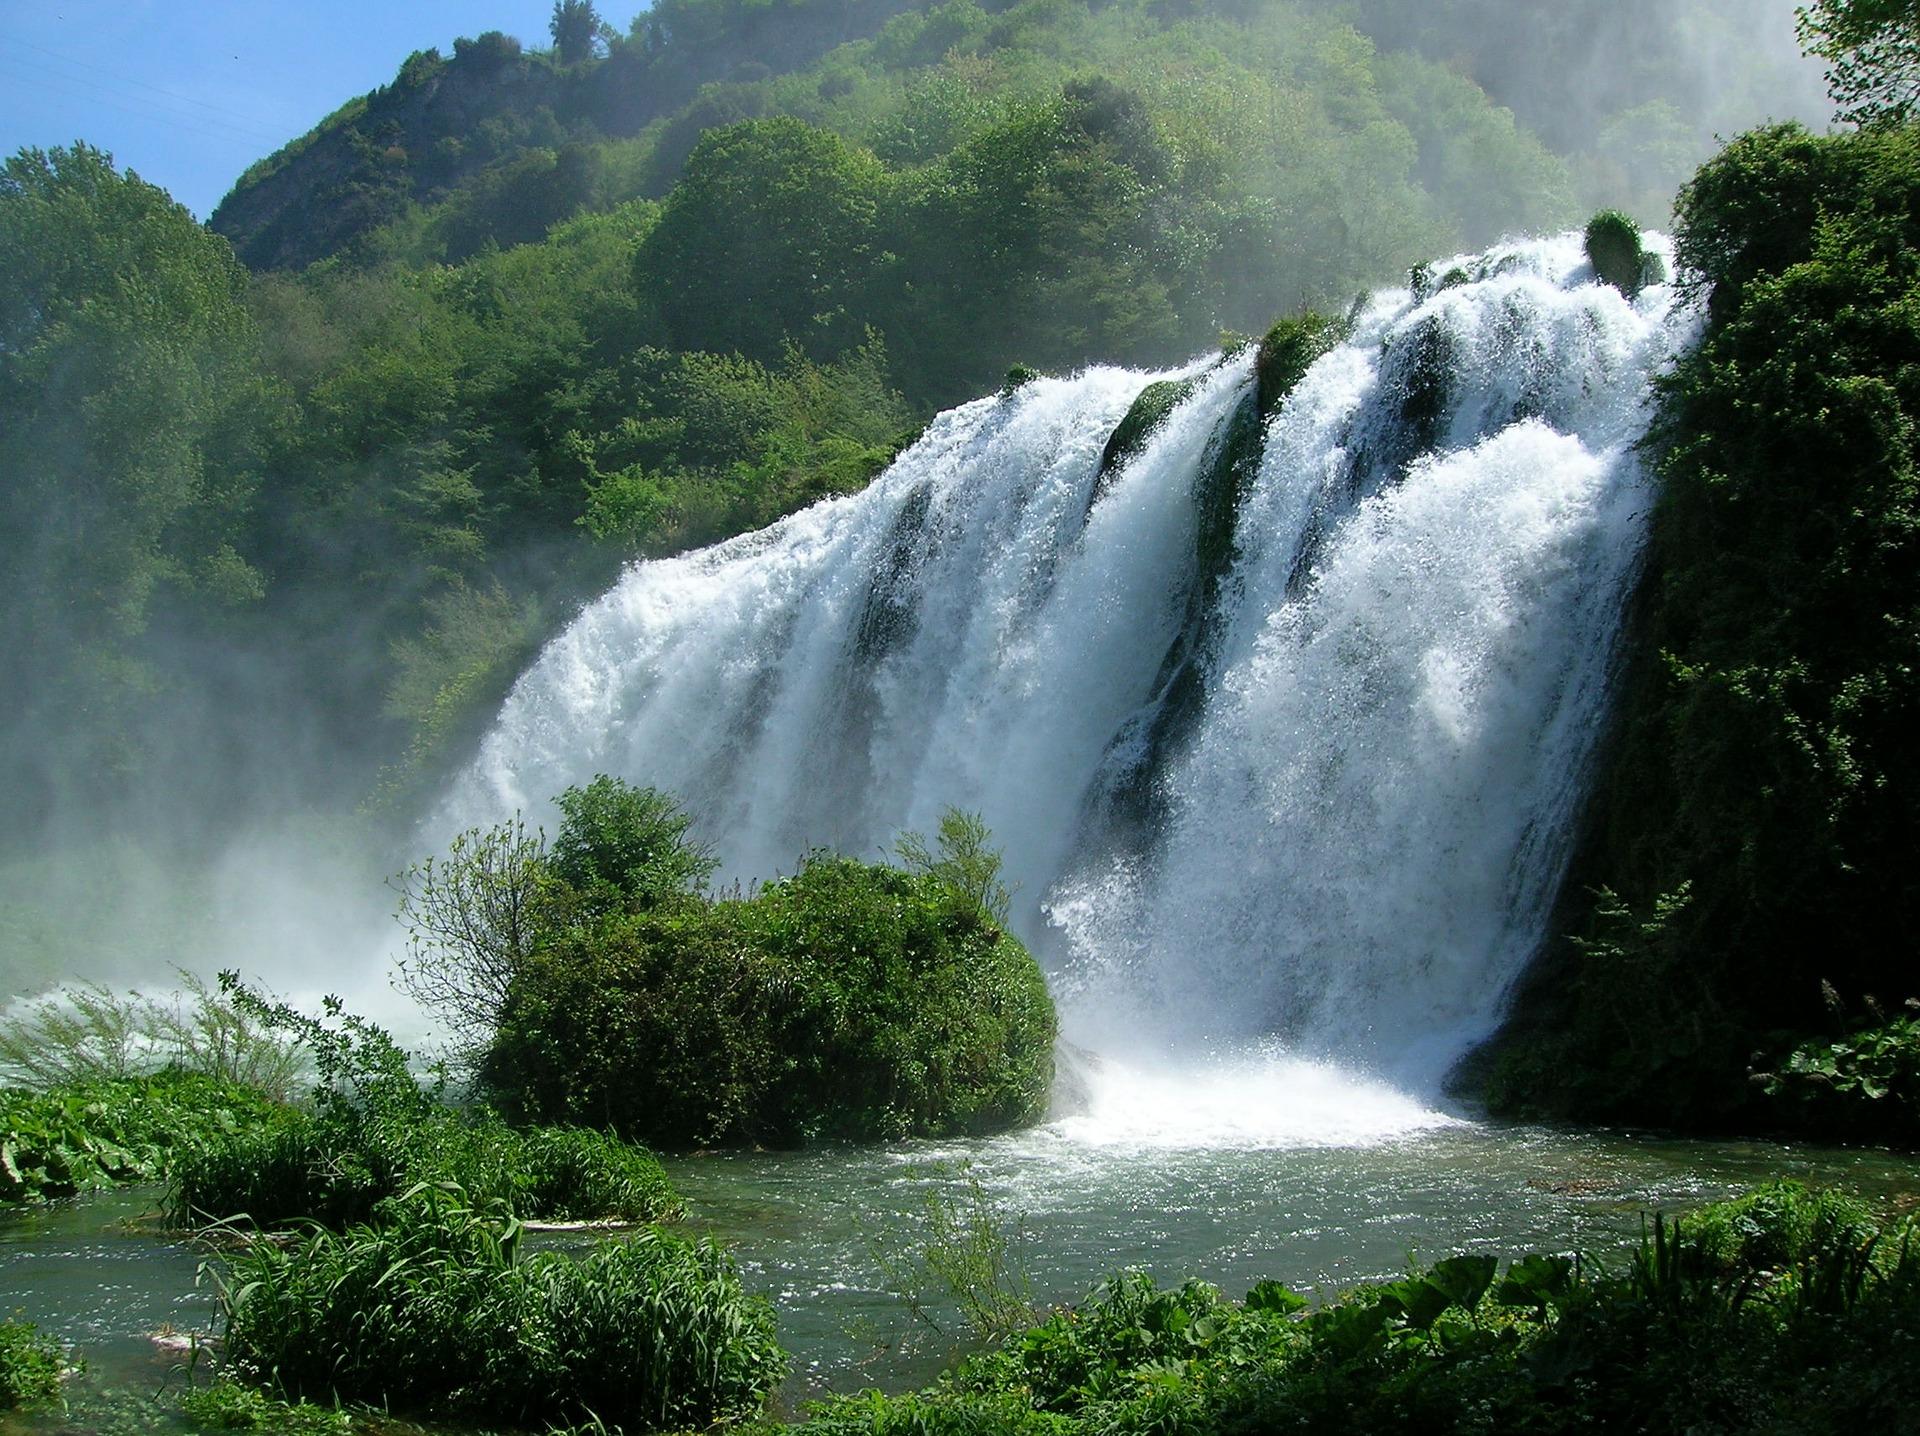 Maremore waterfalls, Umbria